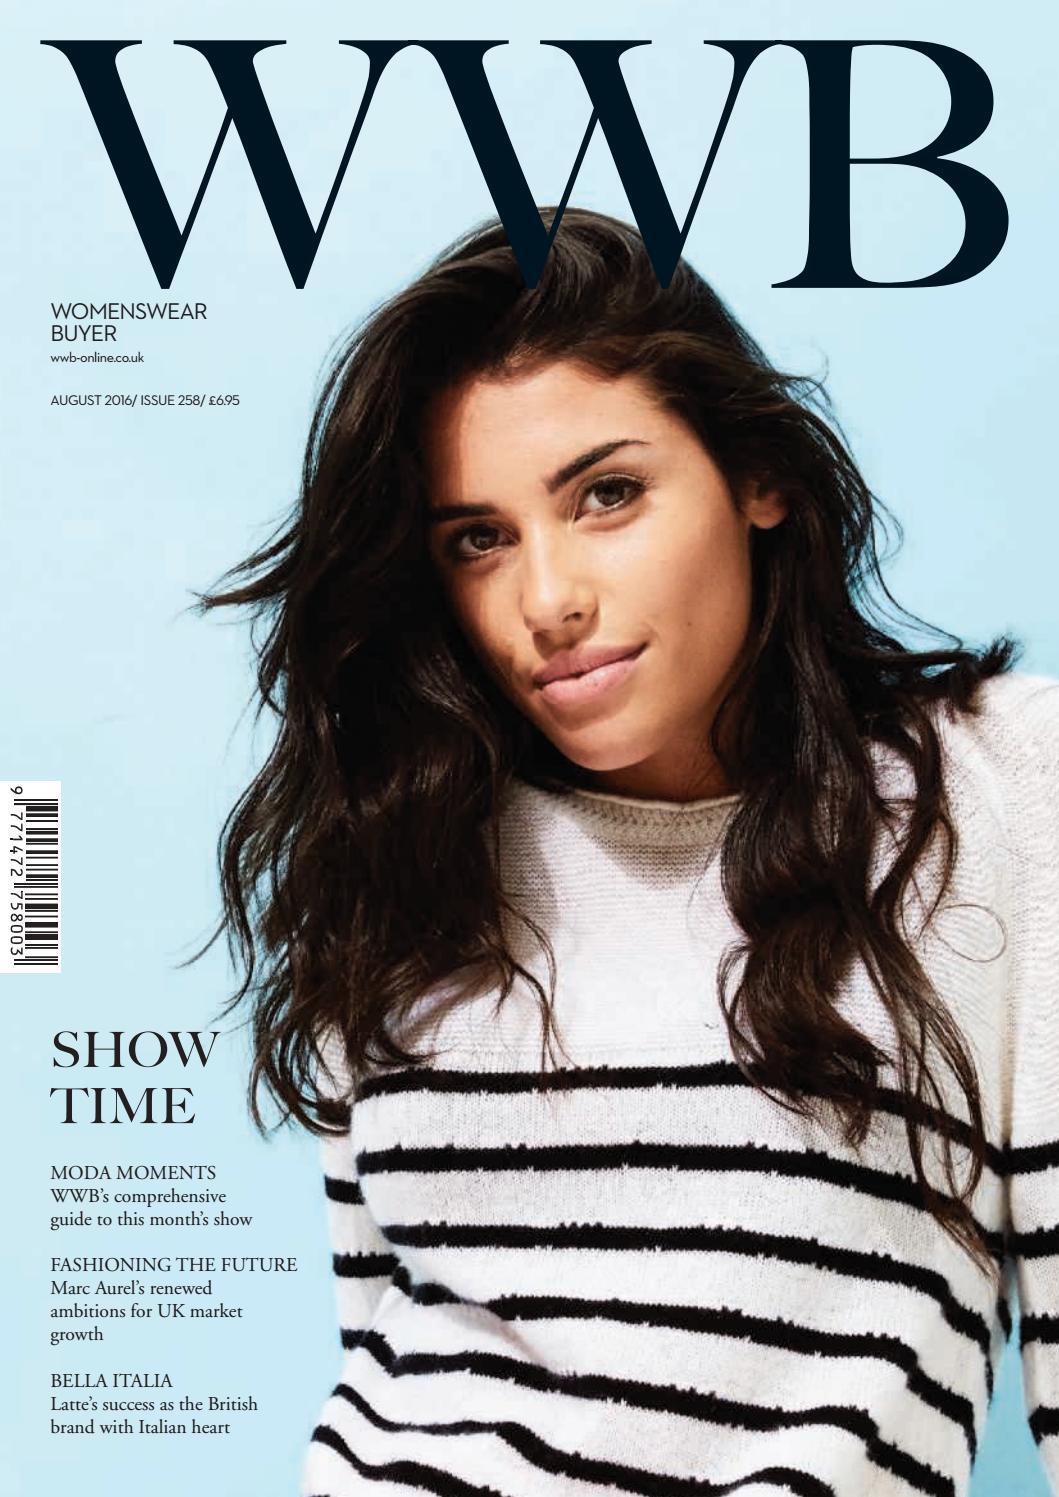 ab2ed5c6beb02 WWB MAGAZINE AUGUST ISSUE 258 by fashion buyers Ltd - issuu